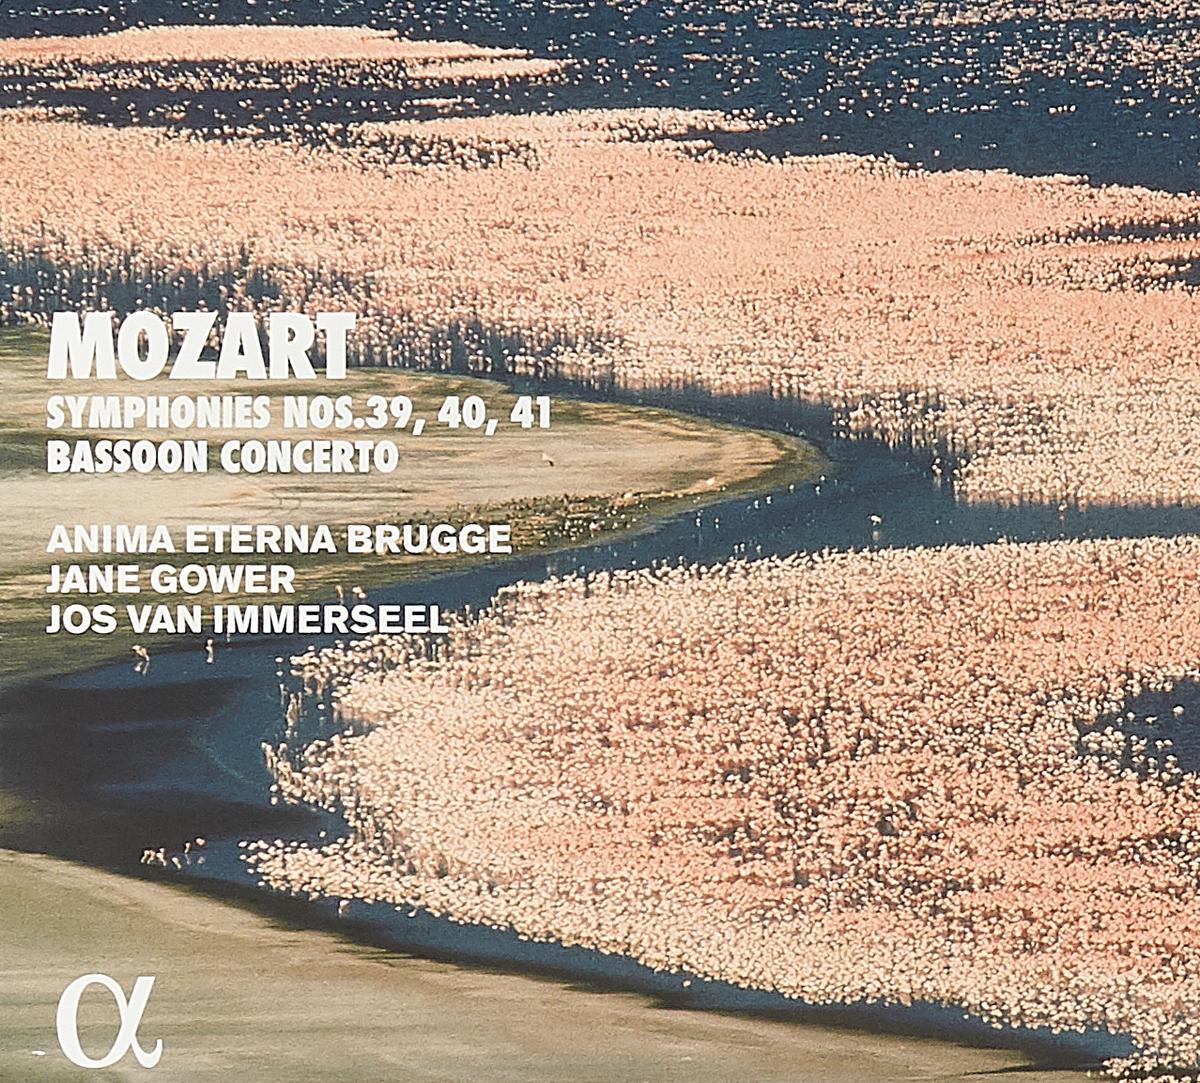 цены на Anima Eterna Brugge,Джейн Гауэр,Йос Ван Иммерсель Anima Eterna Brugge, Jane Gower, Jos Van Immerseel. Mozart. Symphonies Nos. 39, 40, 41 & Bassoon Concerto (2 CD)  в интернет-магазинах